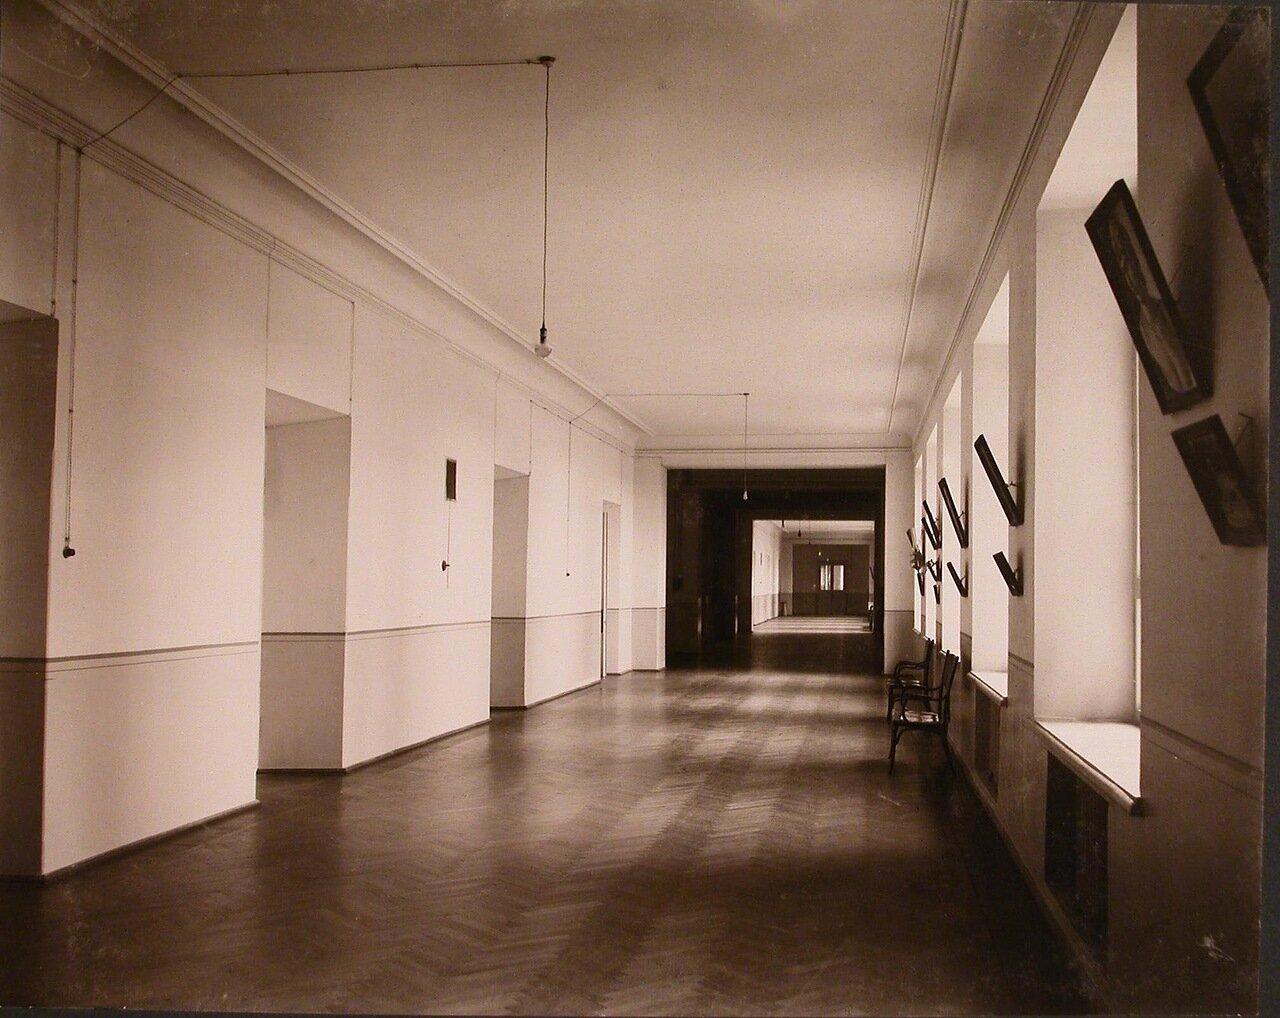 08. Перспектива коридора на одном из этажей института